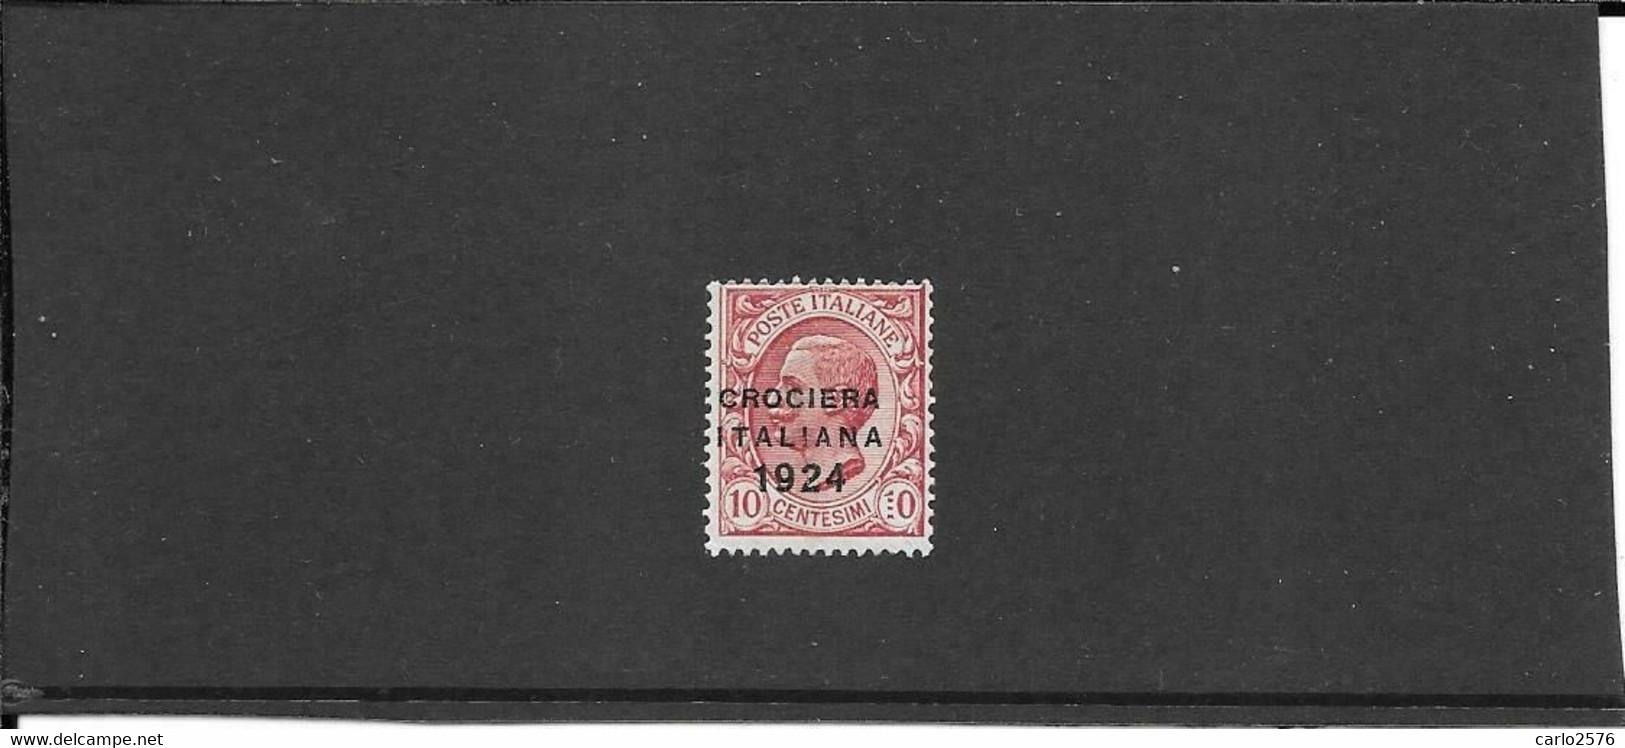 Italia 1924 Crociera 10 Ct. La Rara Varietà Dei 4 Puntini Anzichè 1. Nuovo**mnh, Freschissimo (Sassone 162c) (ref 1591f) - Mint/hinged